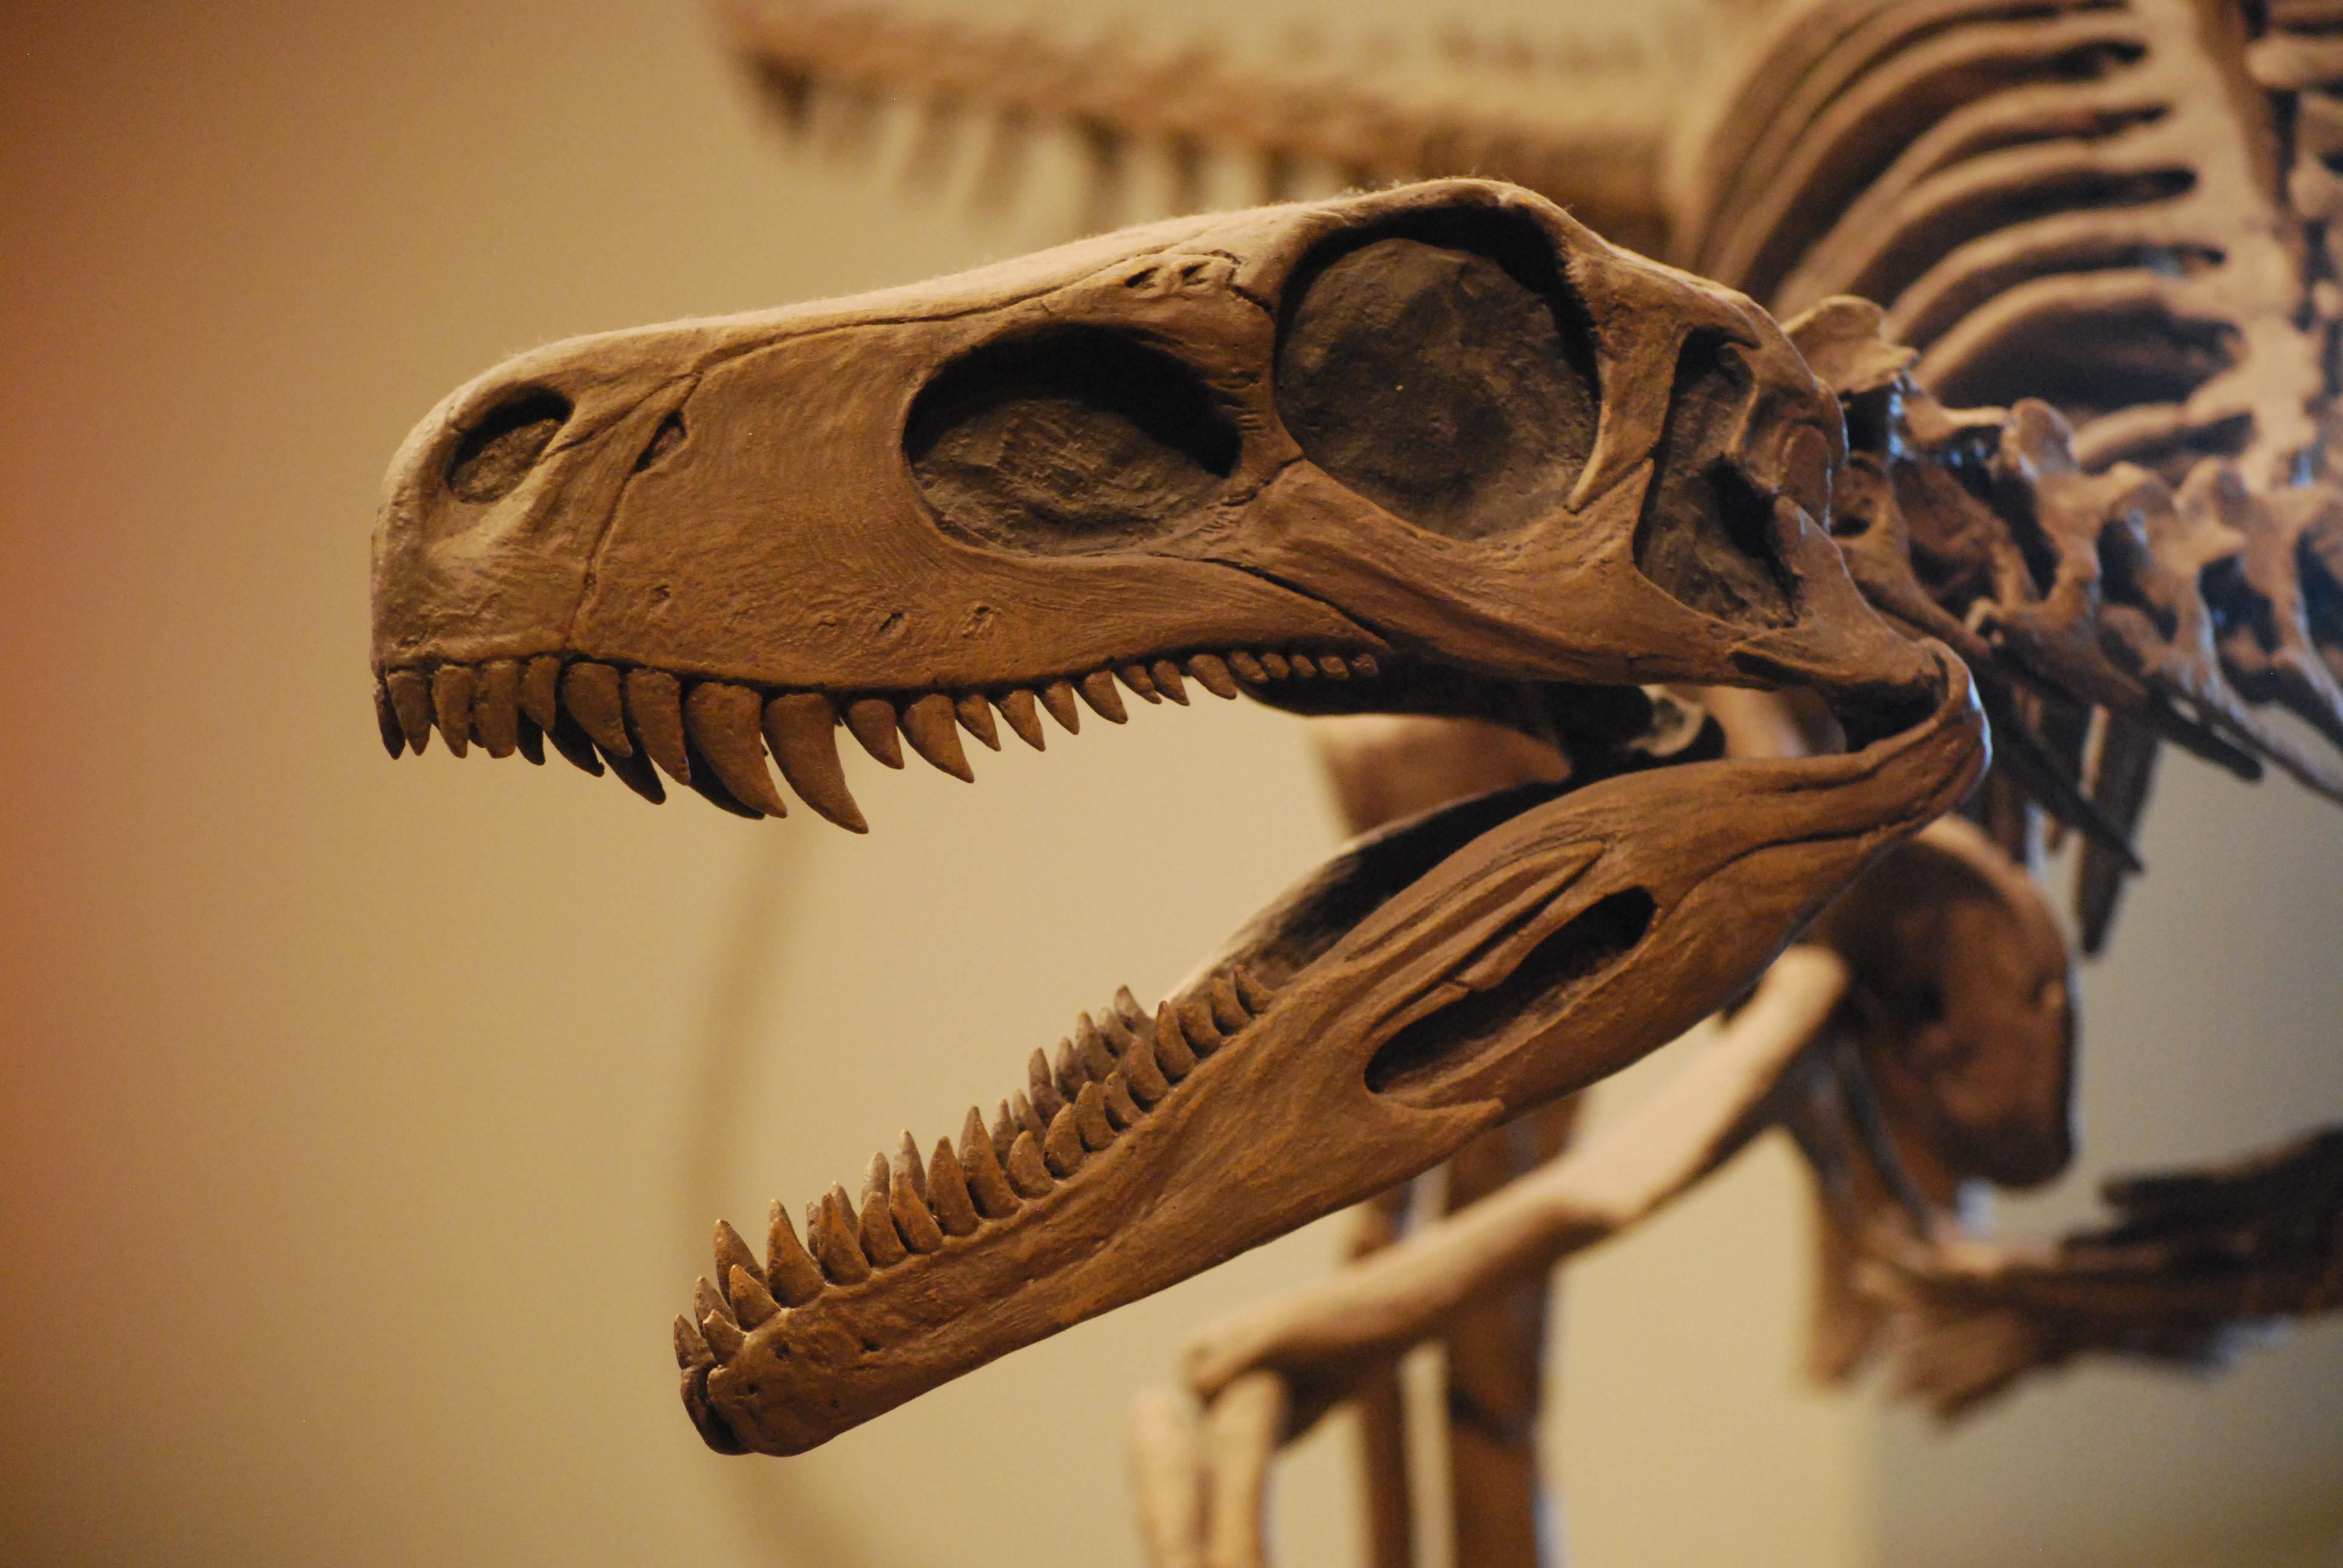 http://upload.wikimedia.org/wikipedia/commons/1/16/Herrerasaurus_Skull_FMNH.JPG